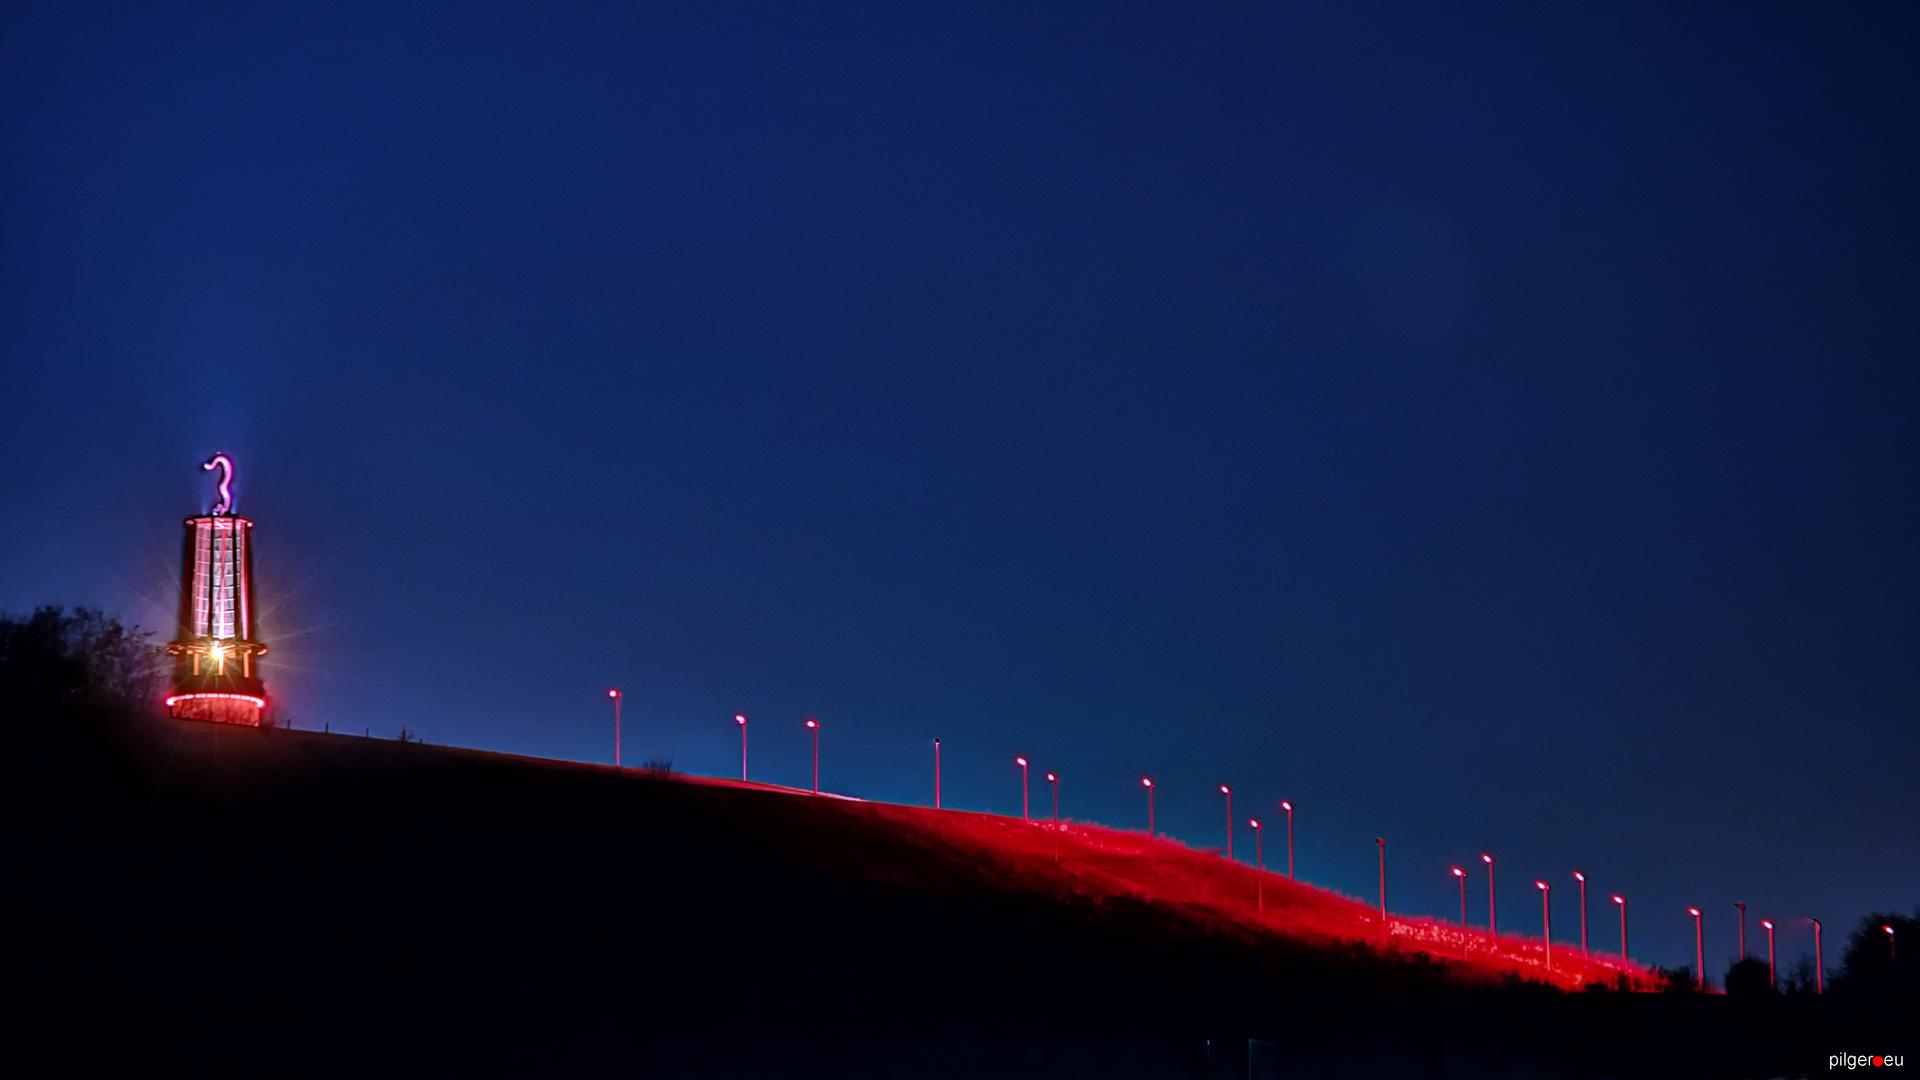 Geleucht mit Lampenfeld